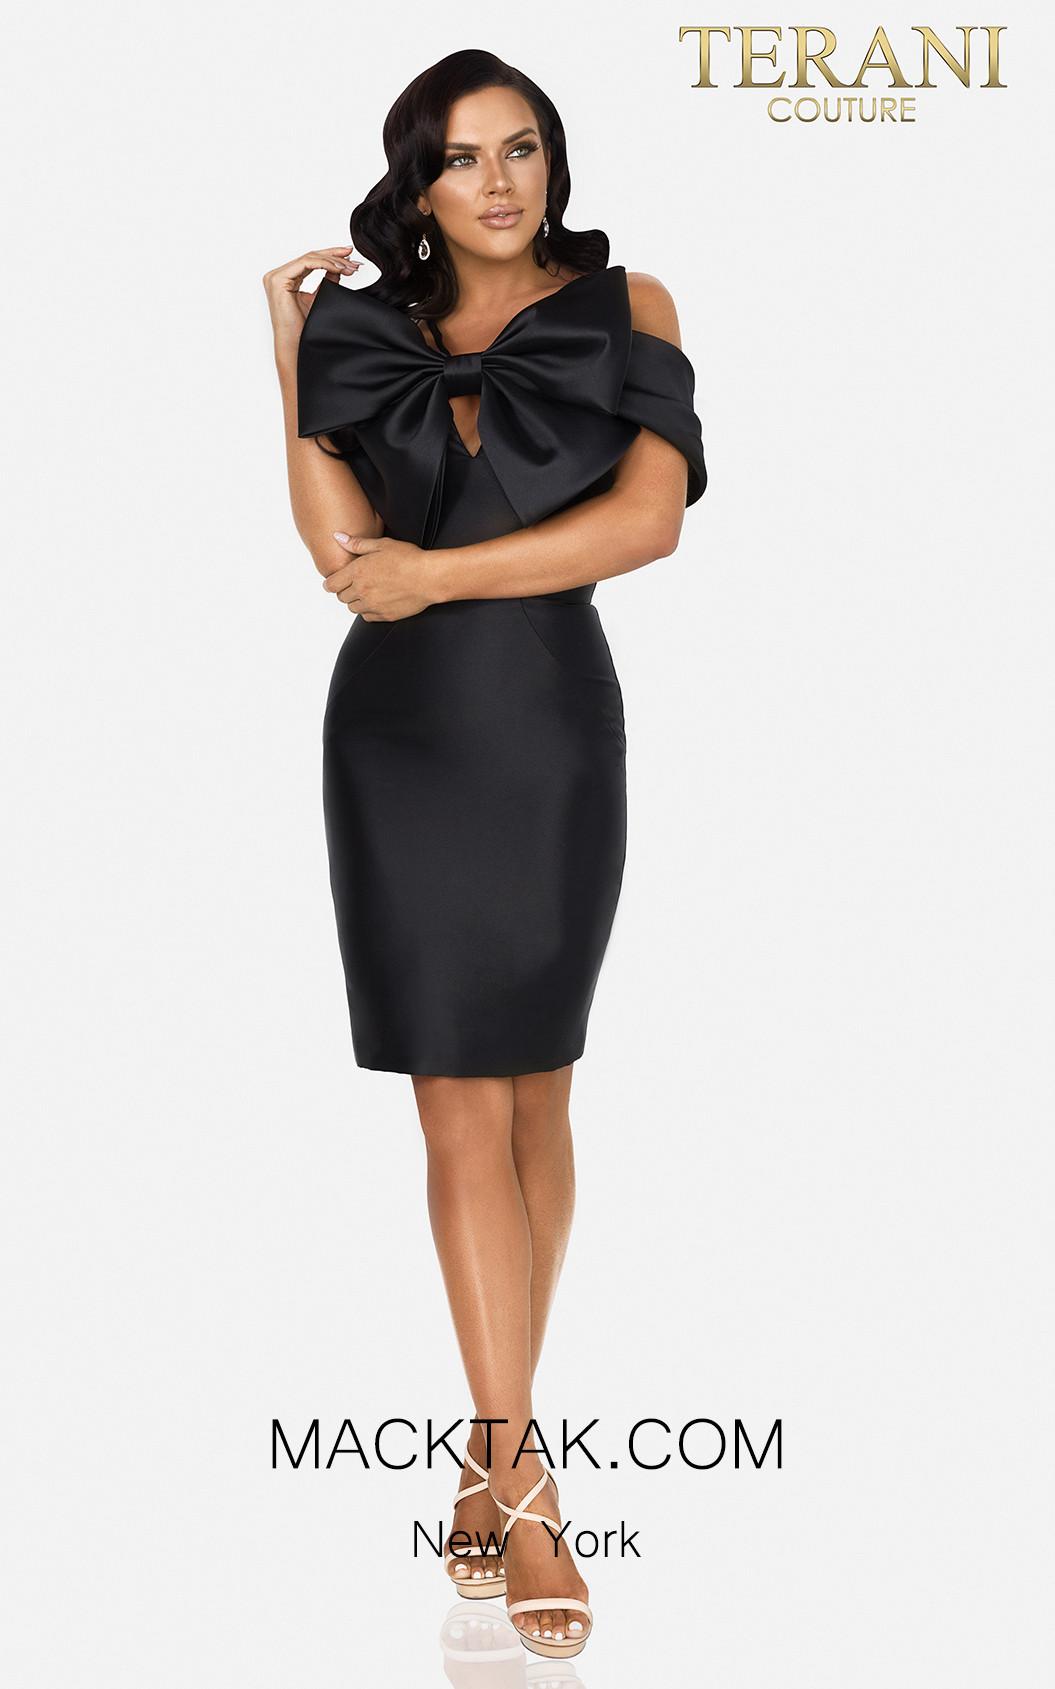 Terani 2012C2230 Black Front Dress